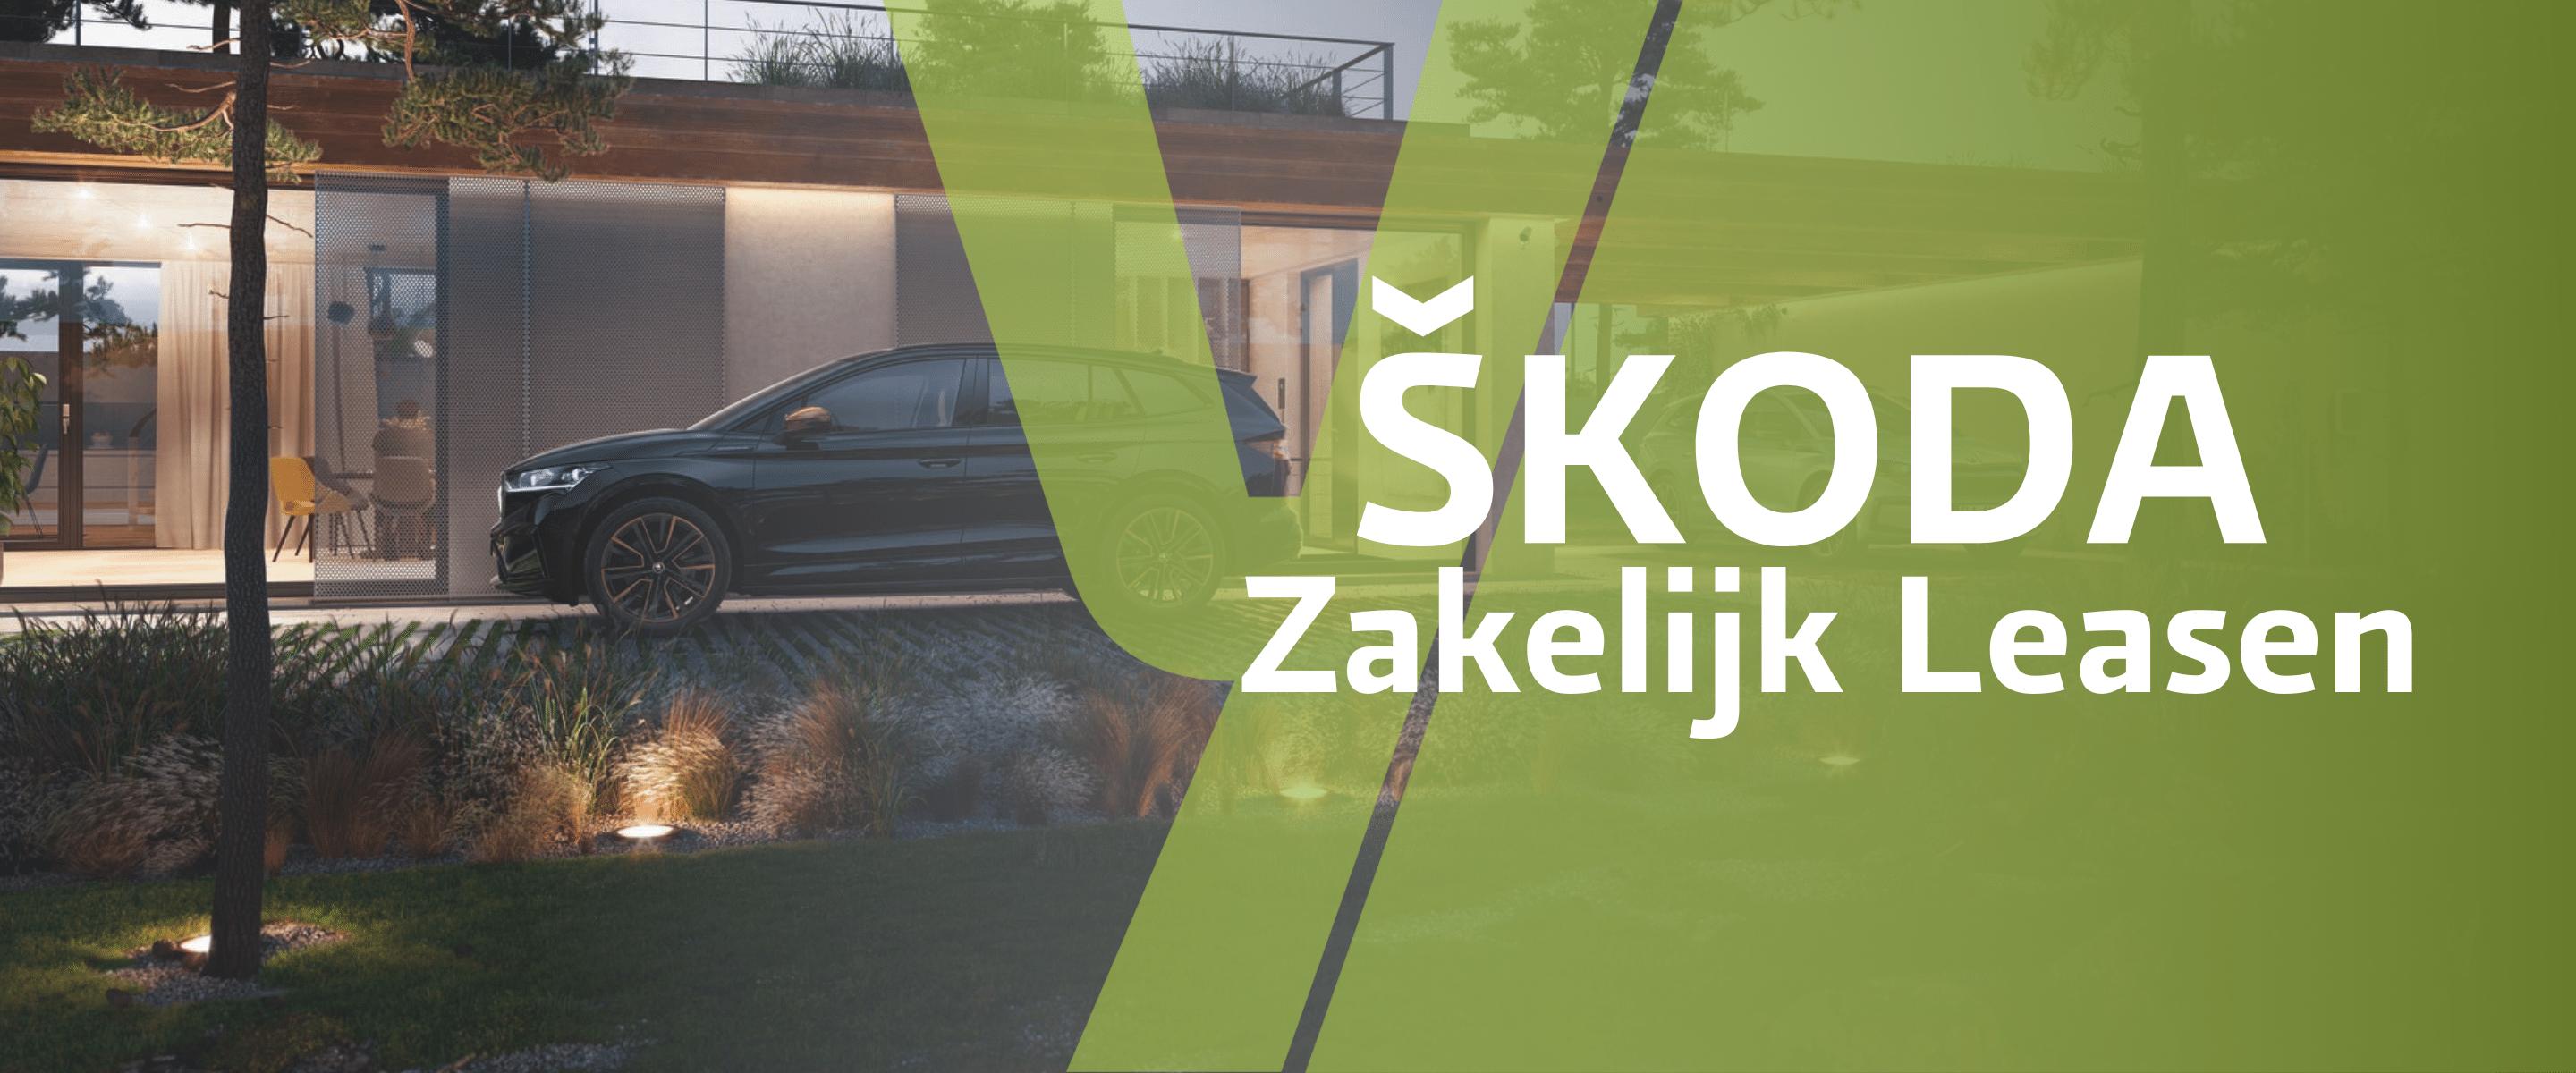 ŠKODA Zakelijk Leasen